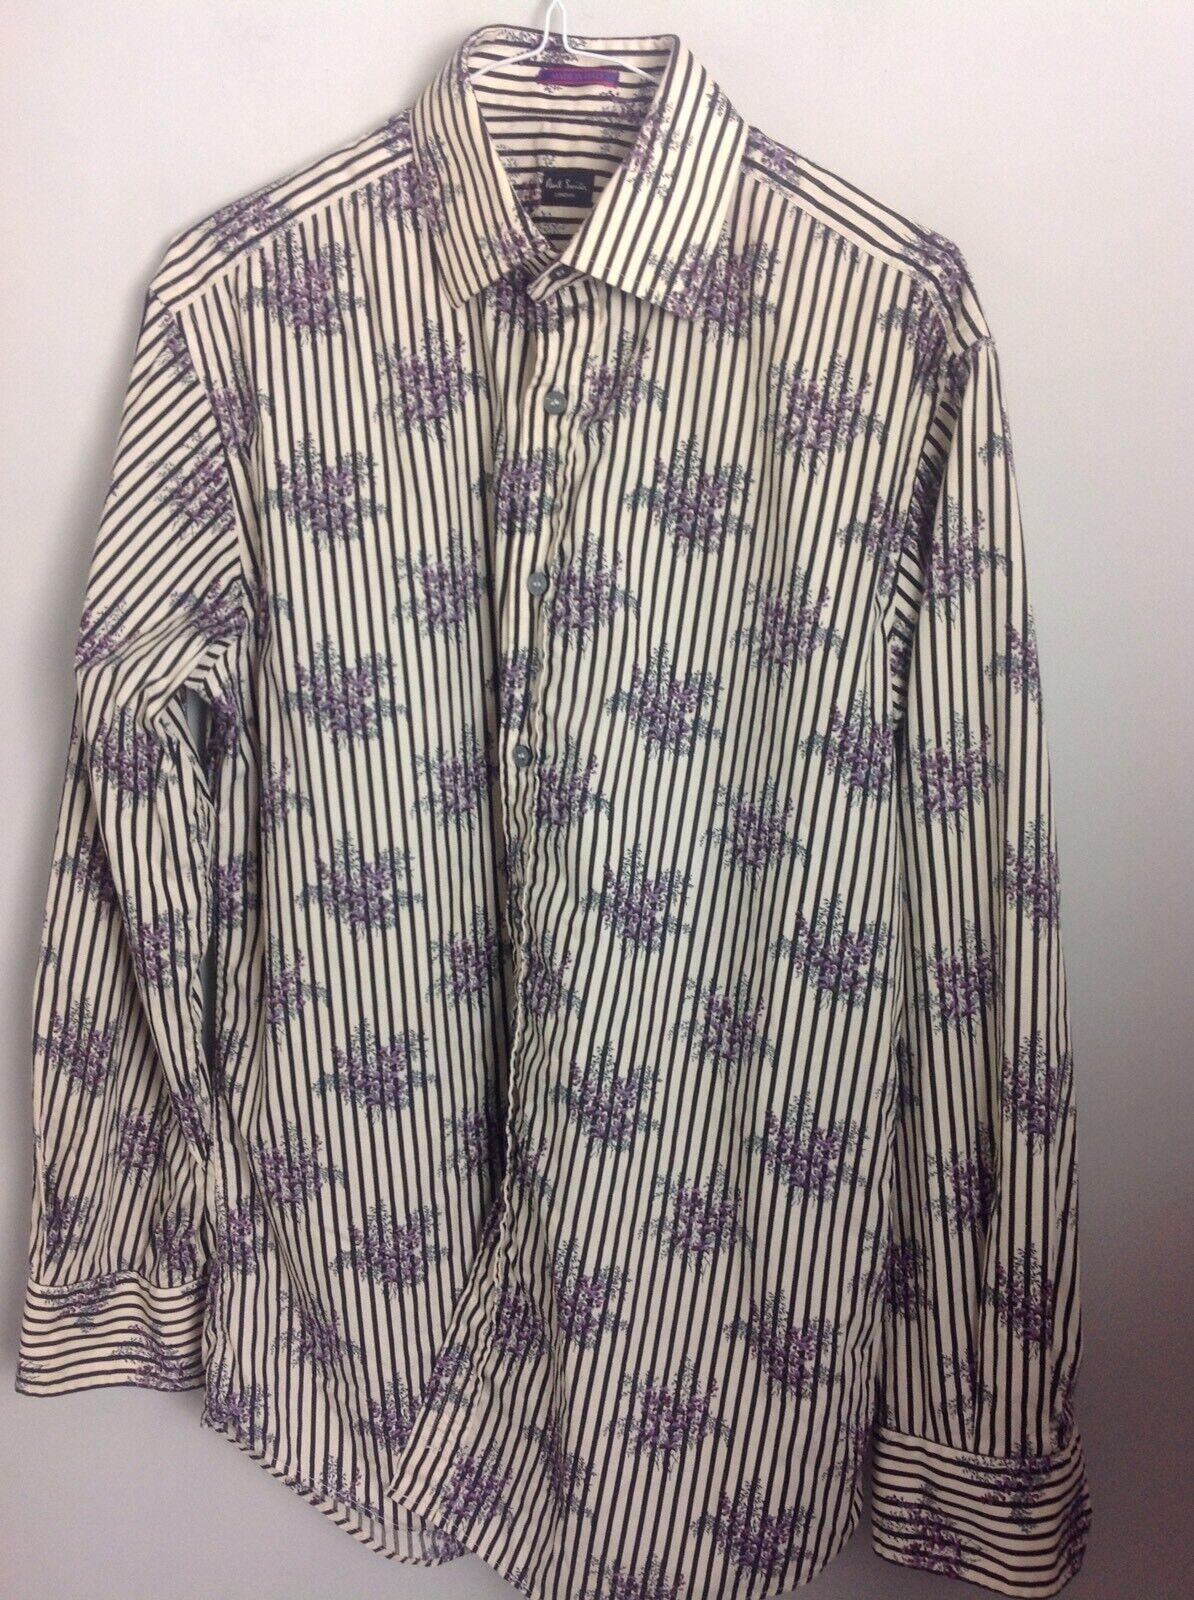 Autentico Paul Smith London Camicia in Nero Bianco Strisce & Floreale Dettaglio. UK M